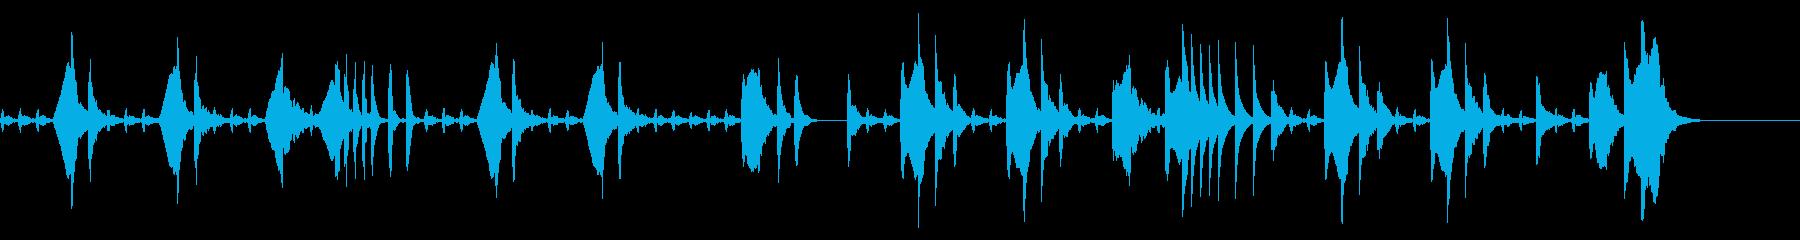 たどたどしいメロディー 「猫のうたた寝」の再生済みの波形